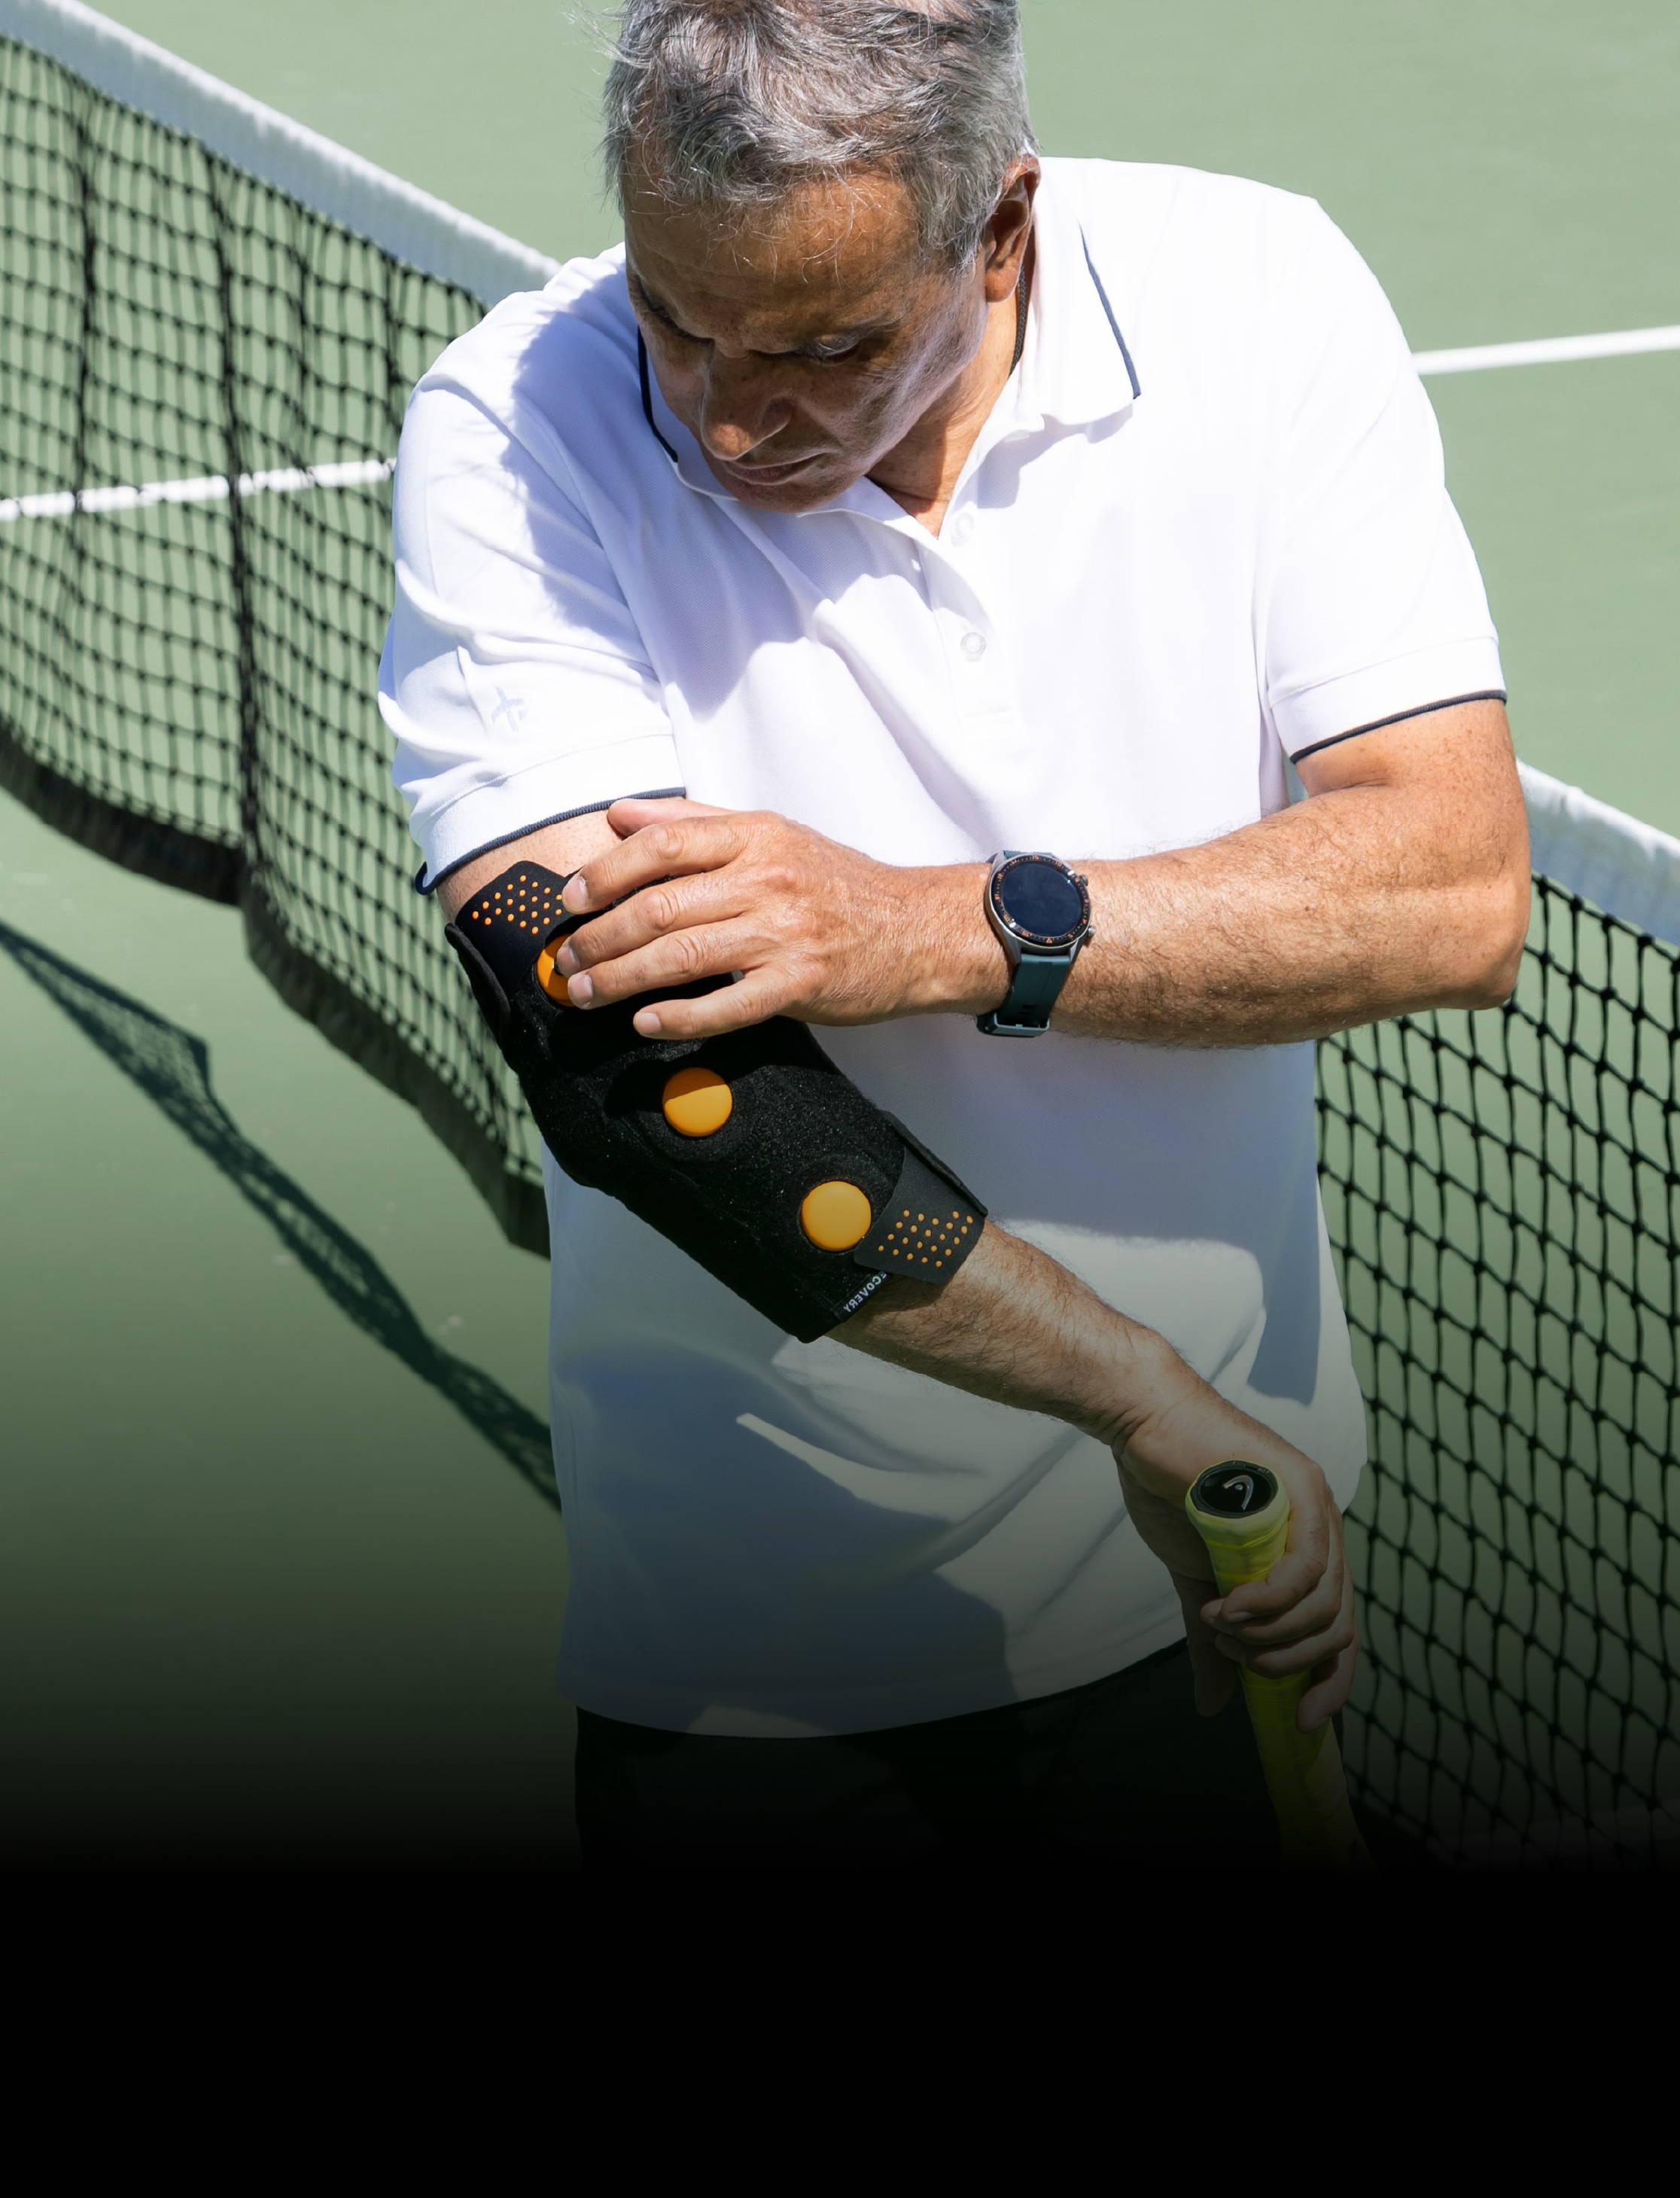 Older gentleman using Myovolt arm while playing tennis